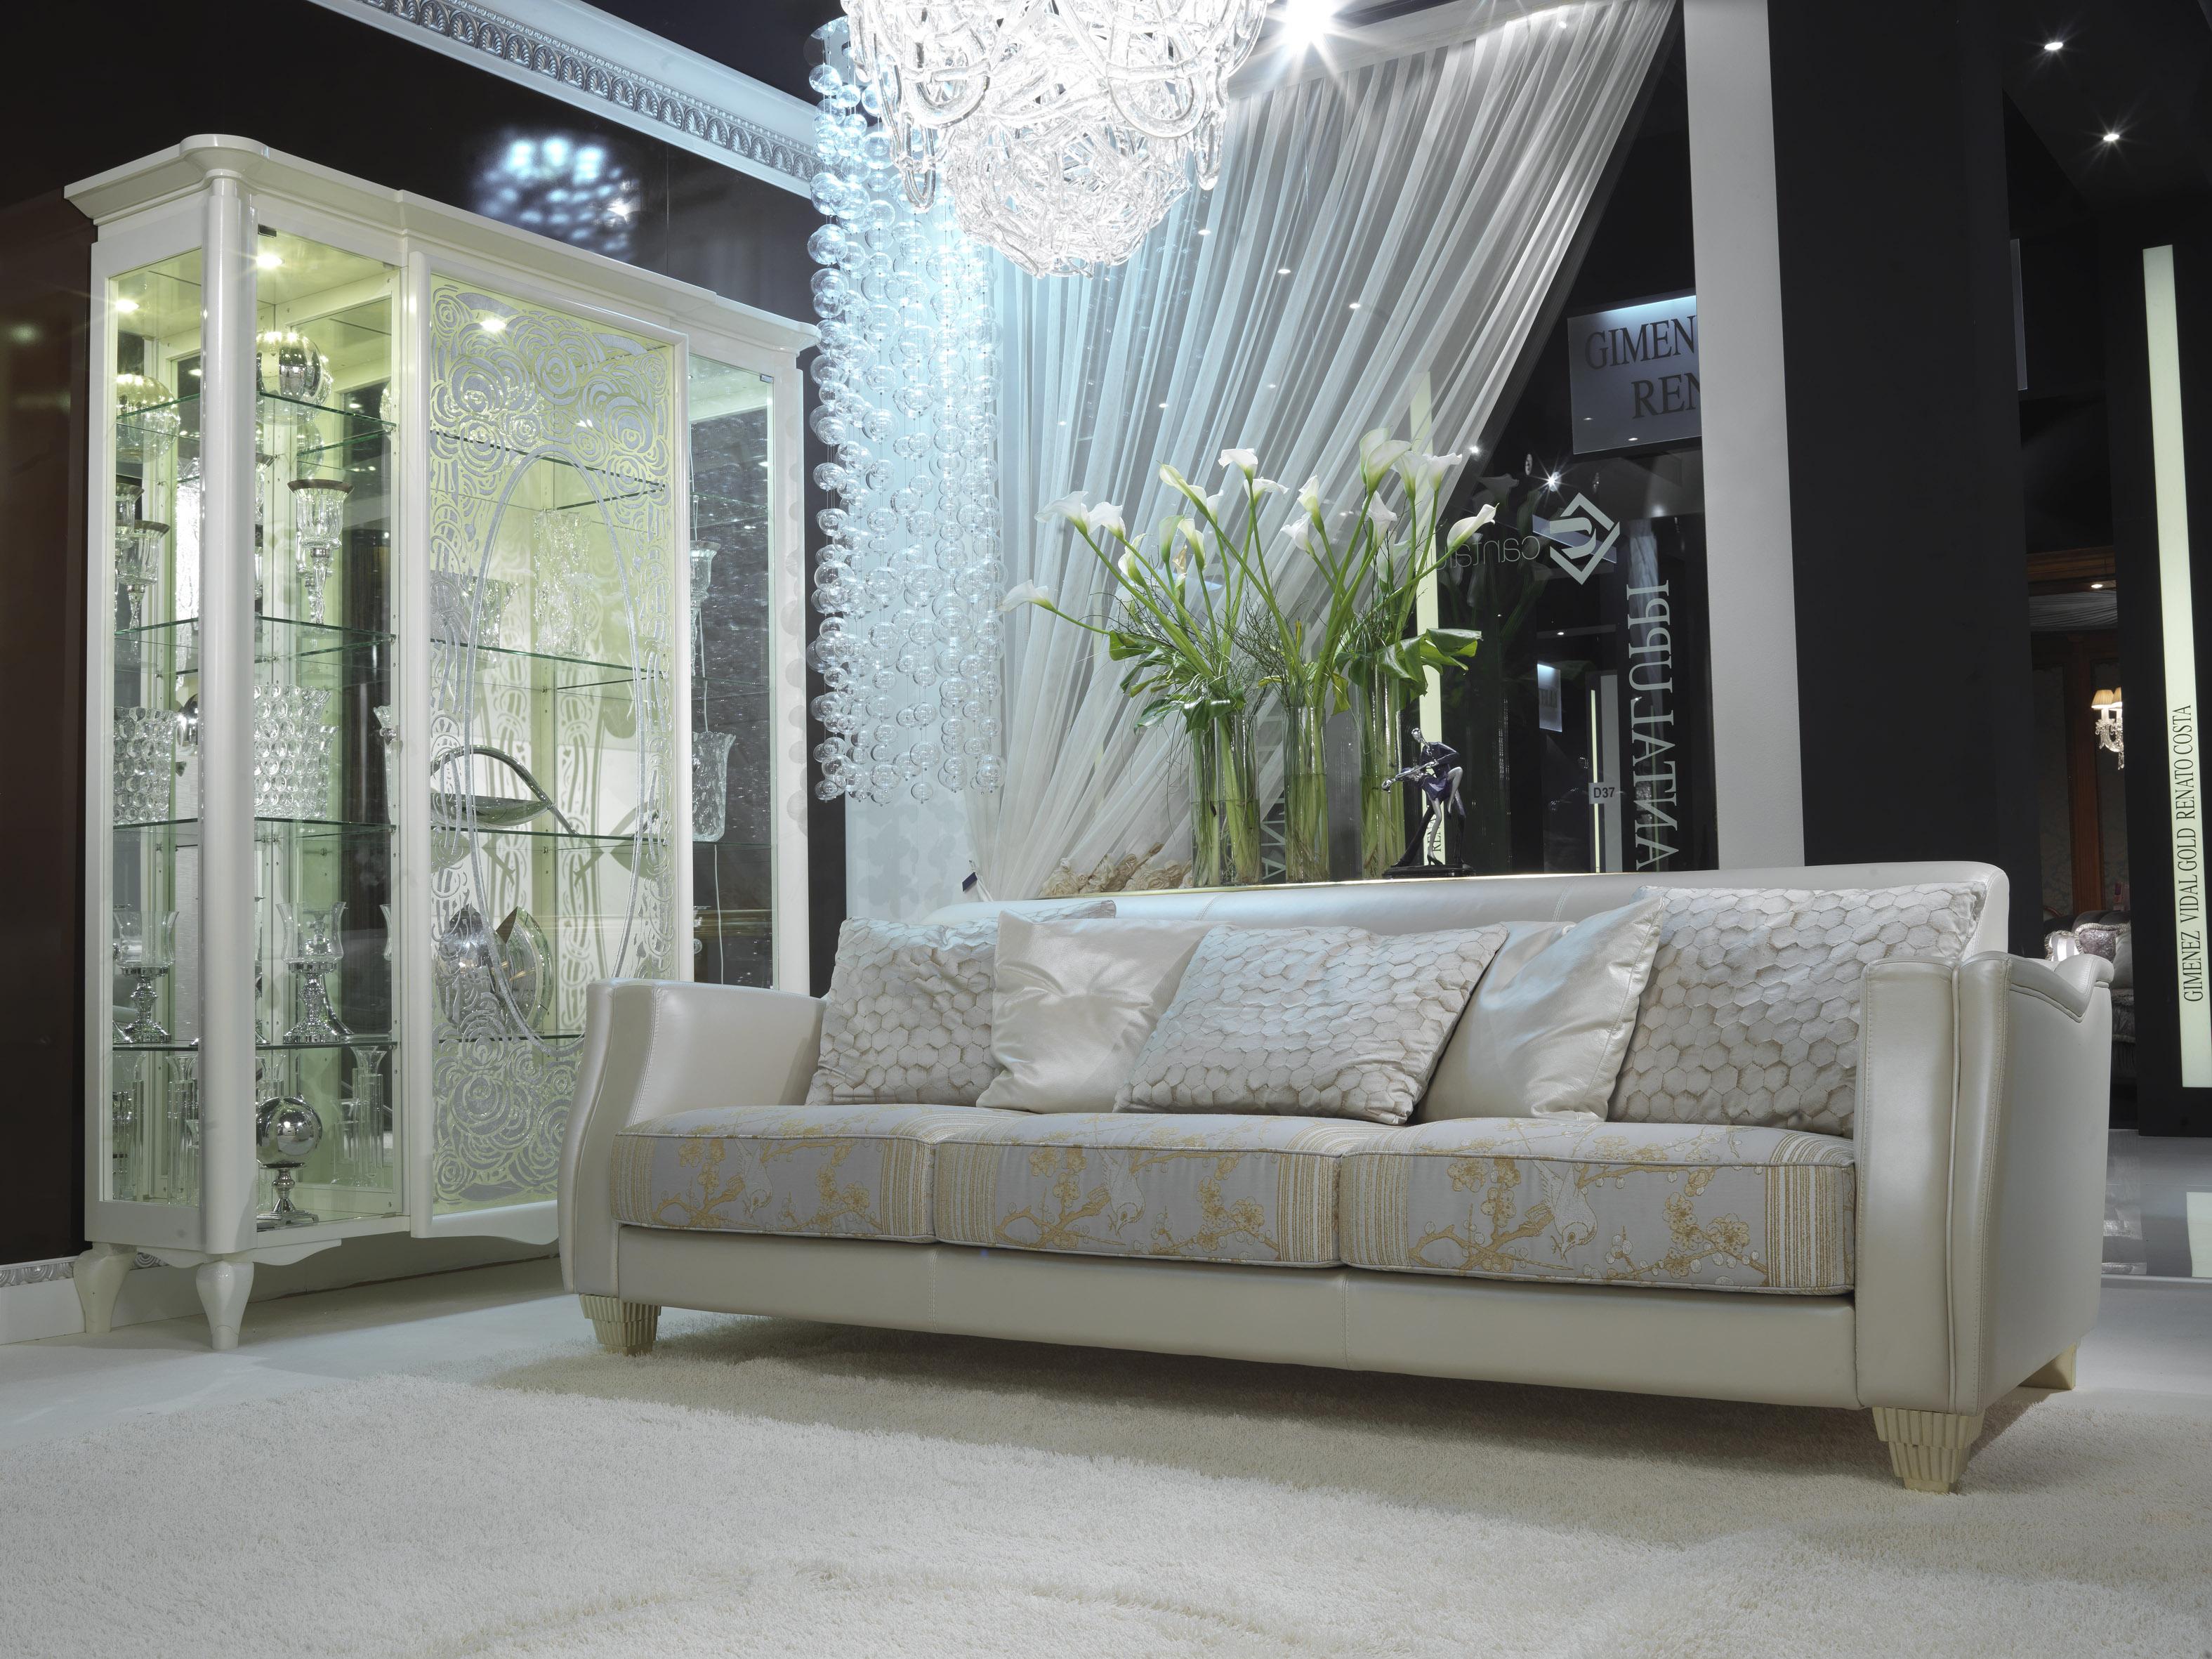 Fleur collezioni mobili classici di lusso cantaluppi - Mobili classici cantu ...